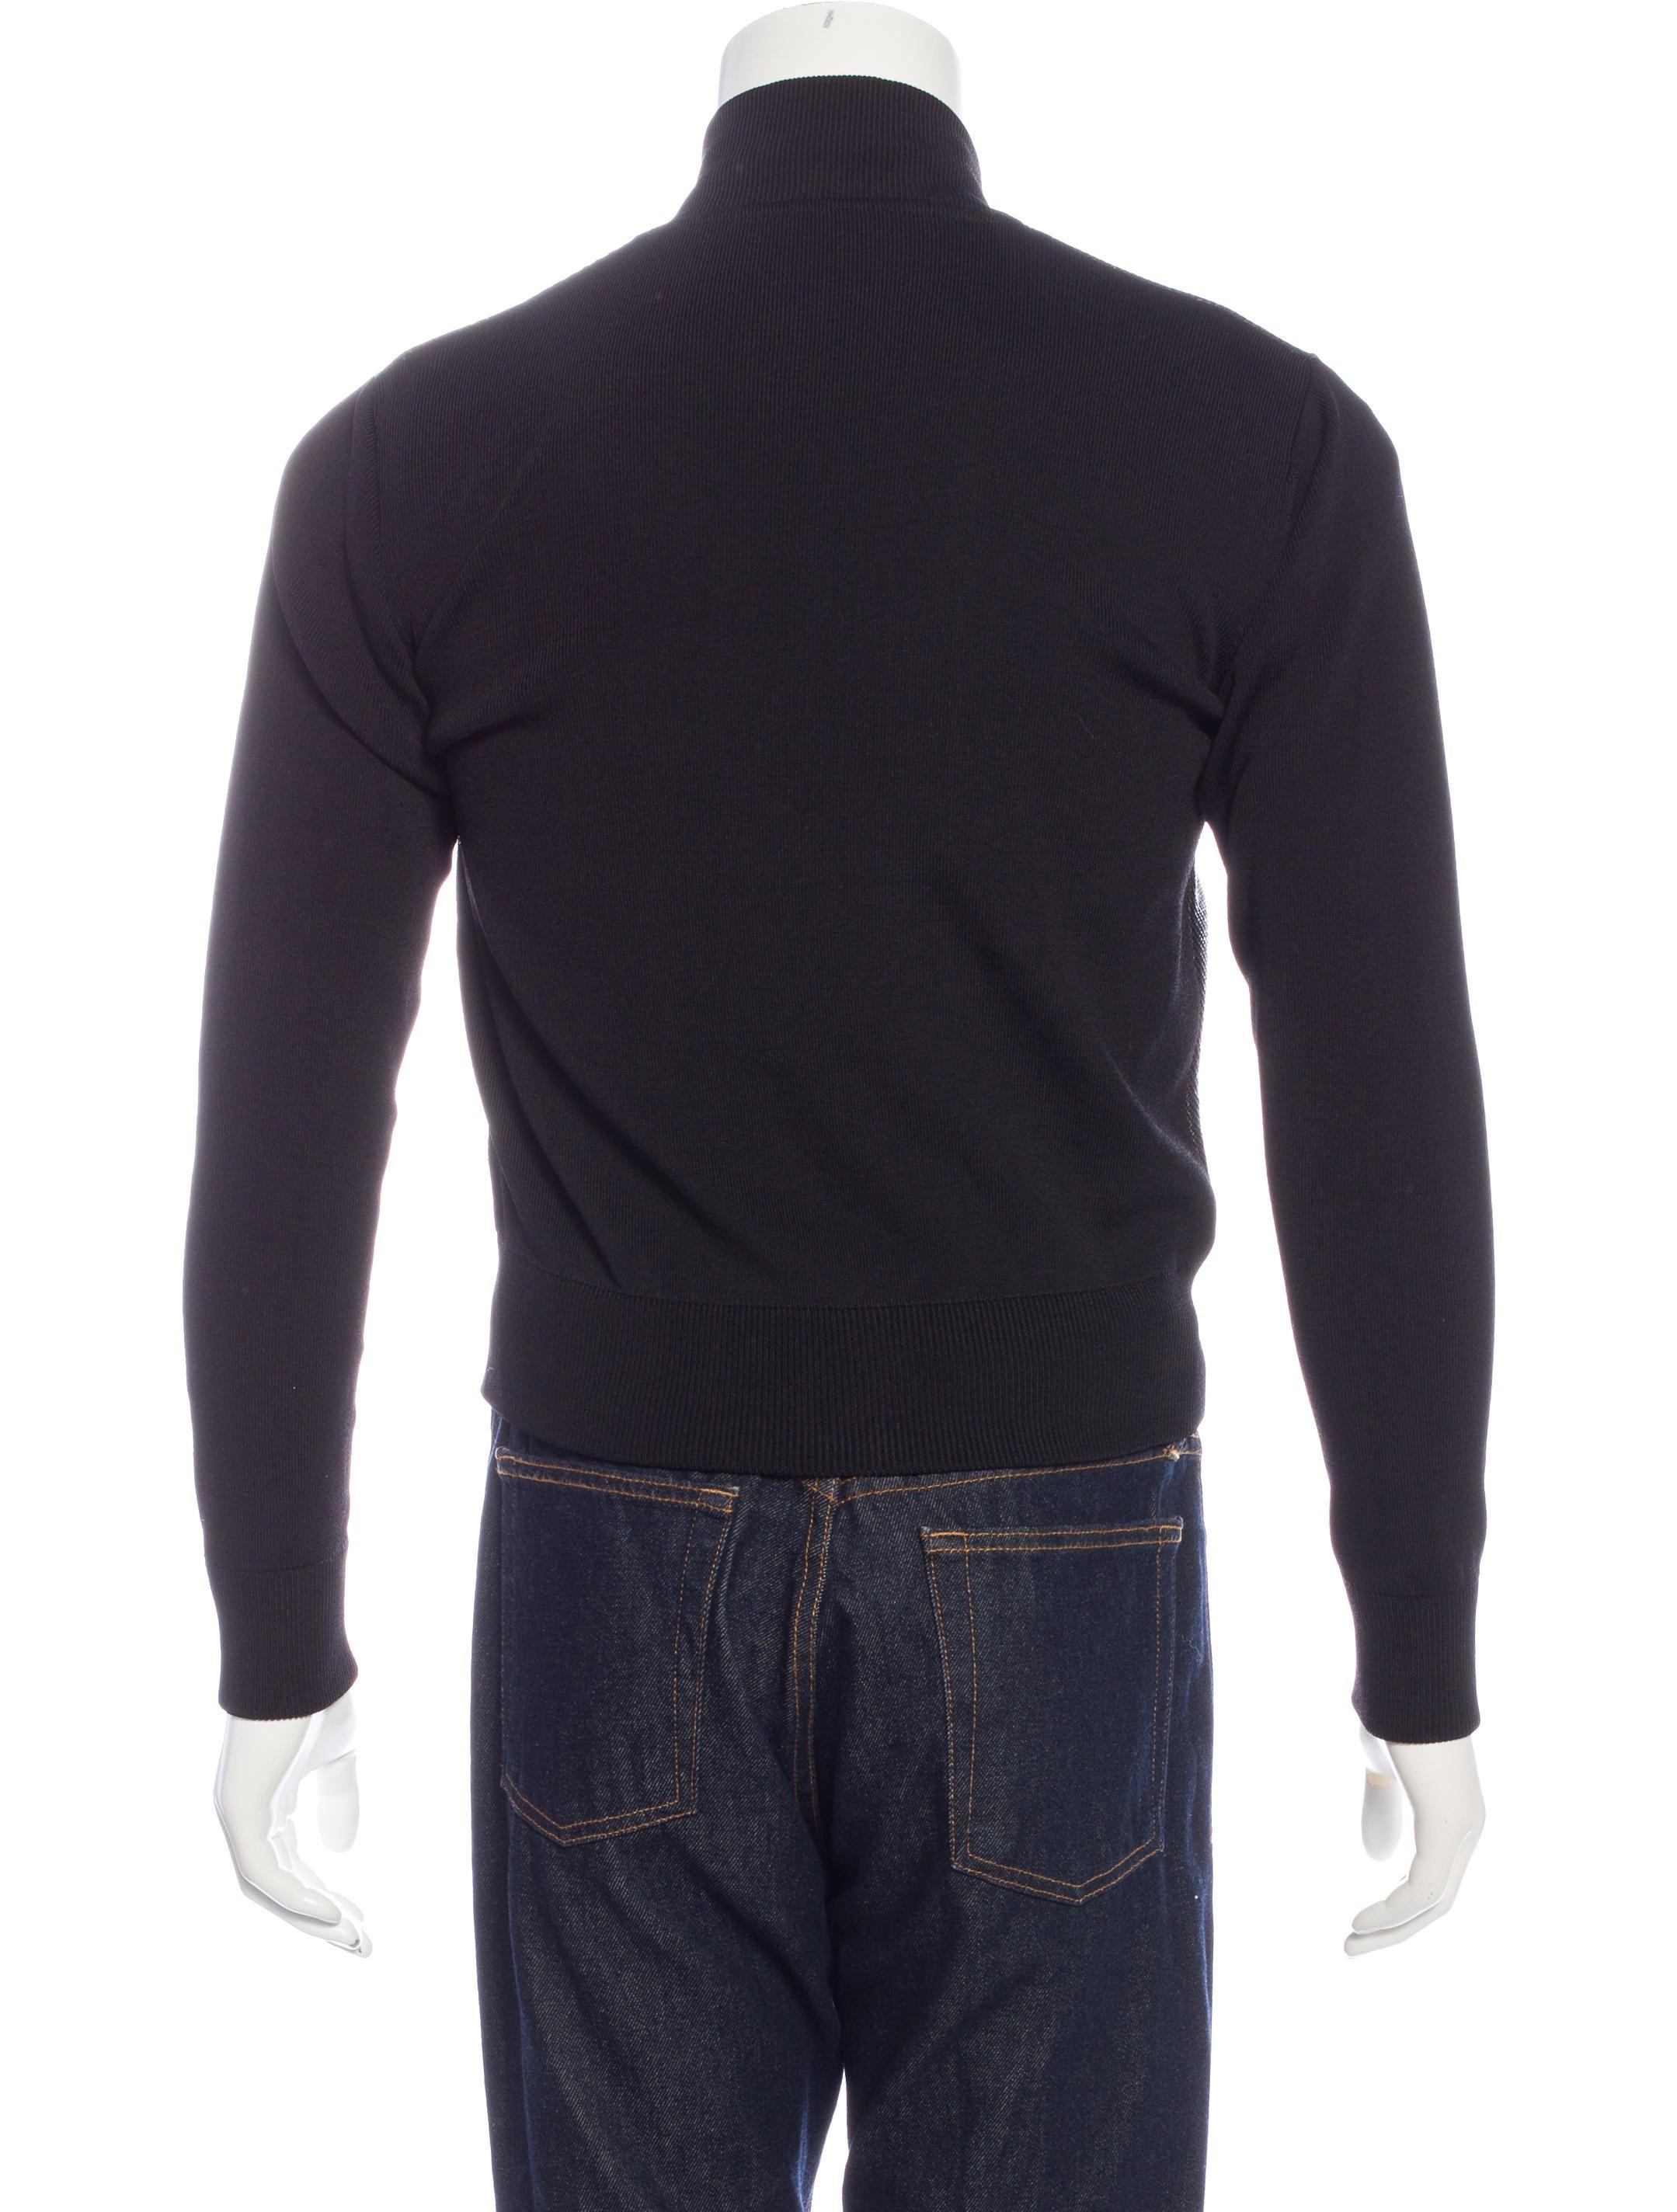 Knitting Pattern Bomber Jacket : Etro Knit Bomber Jacket - Clothing - ETR43381 The RealReal